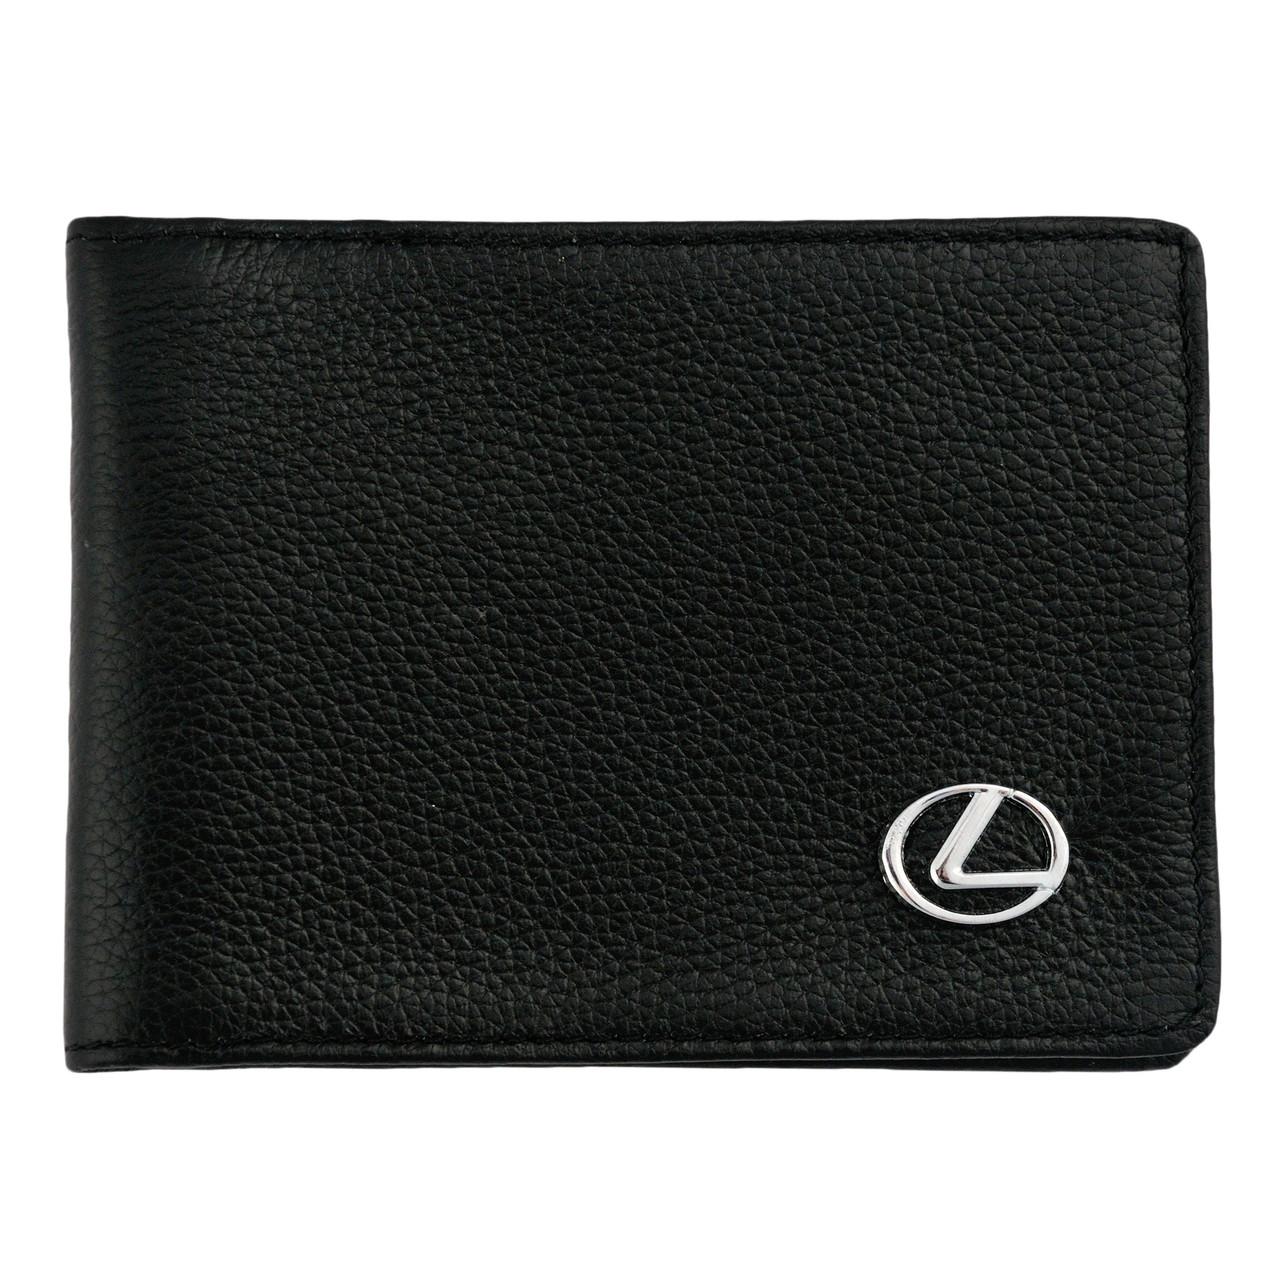 Кожаный бумажник двойного сложения с эмблемой LEXUS